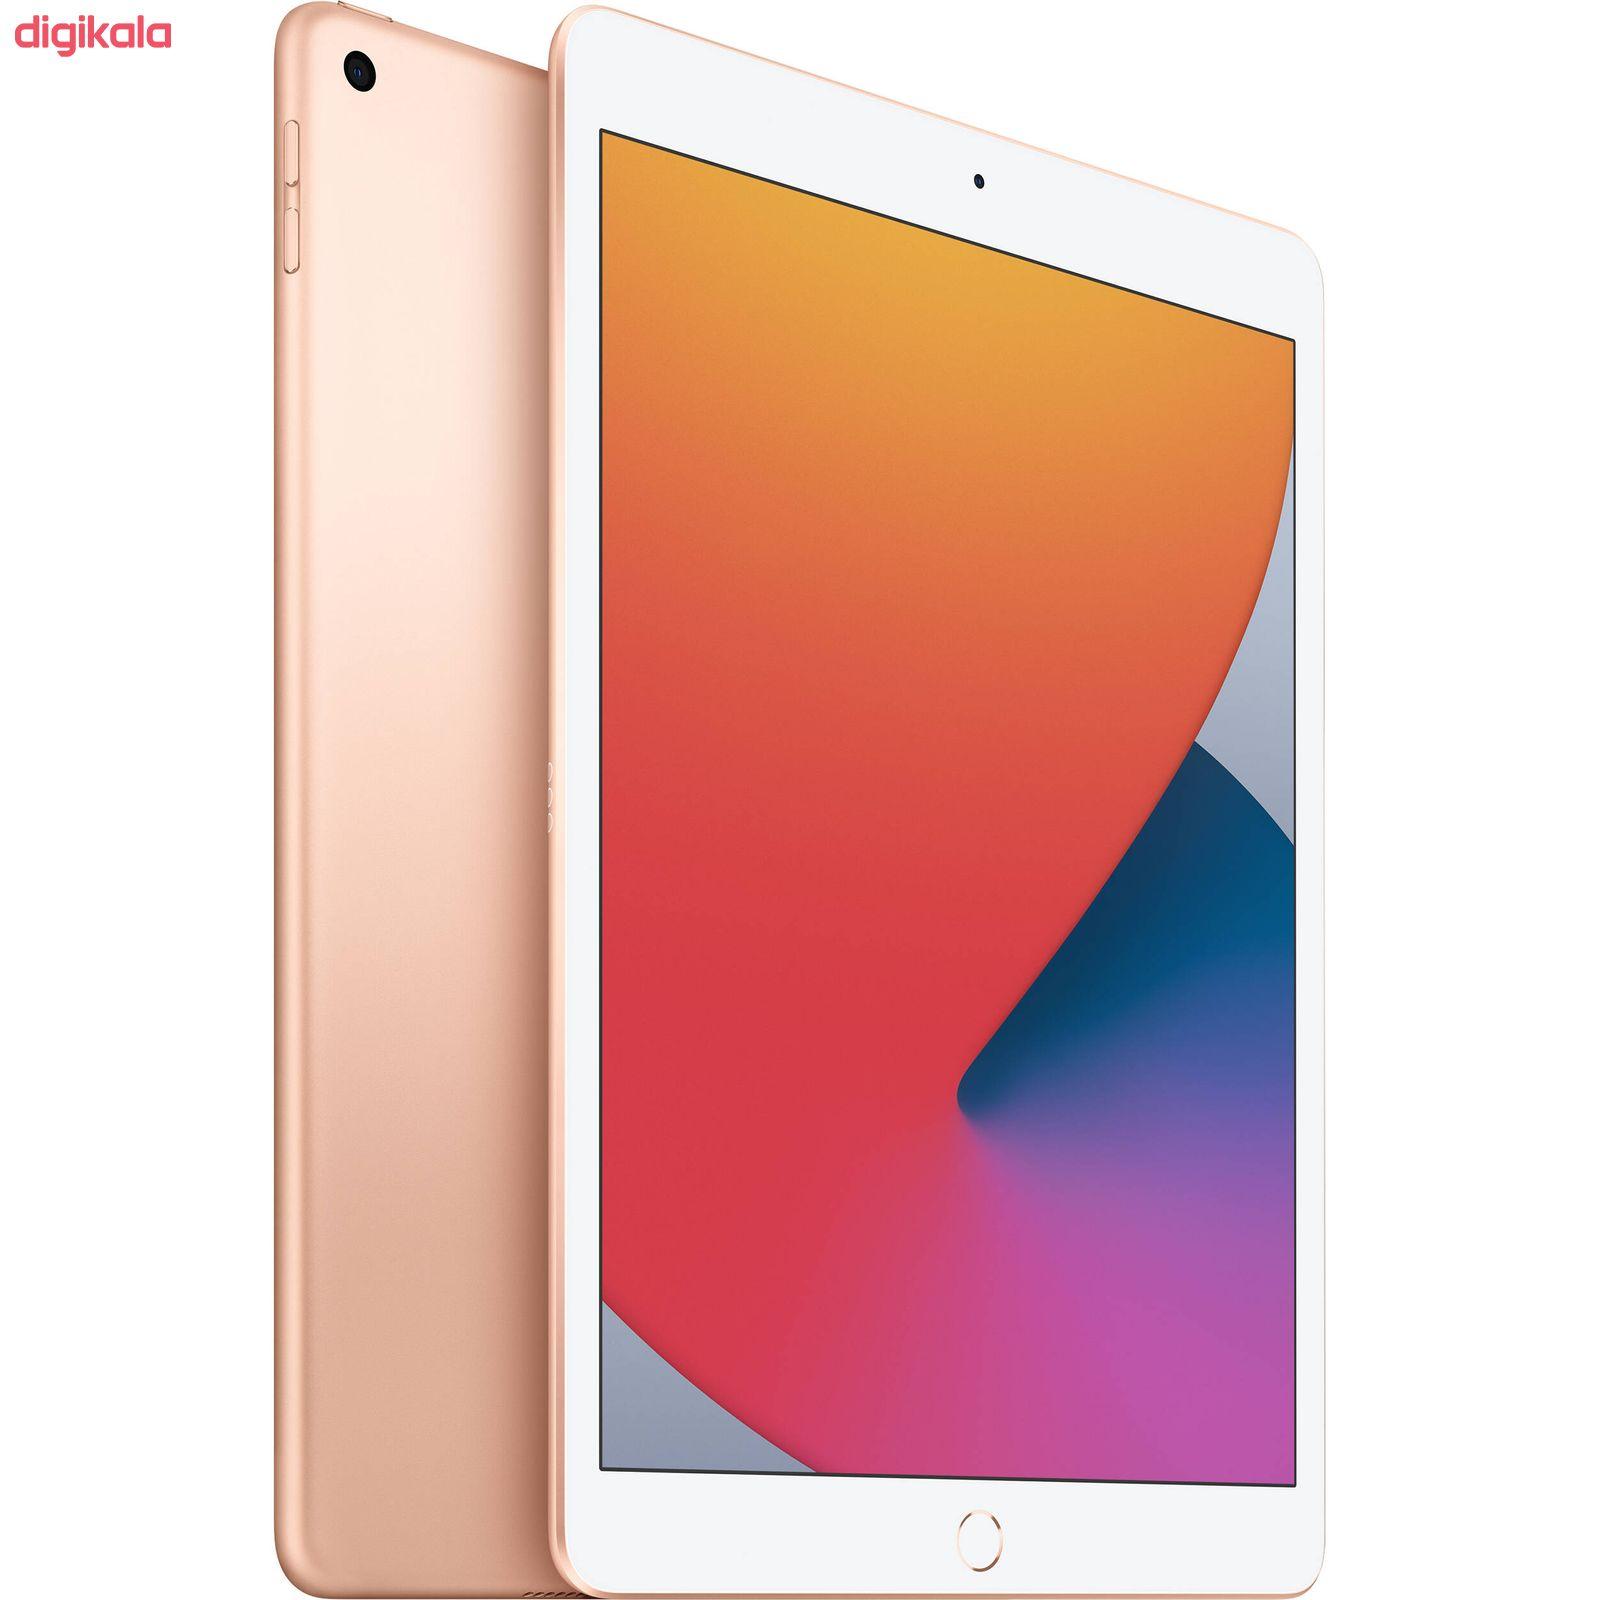 تبلت اپل مدل iPad 10.2 inch 2020 4G/LTE ظرفیت 128 گیگابایت  main 1 4